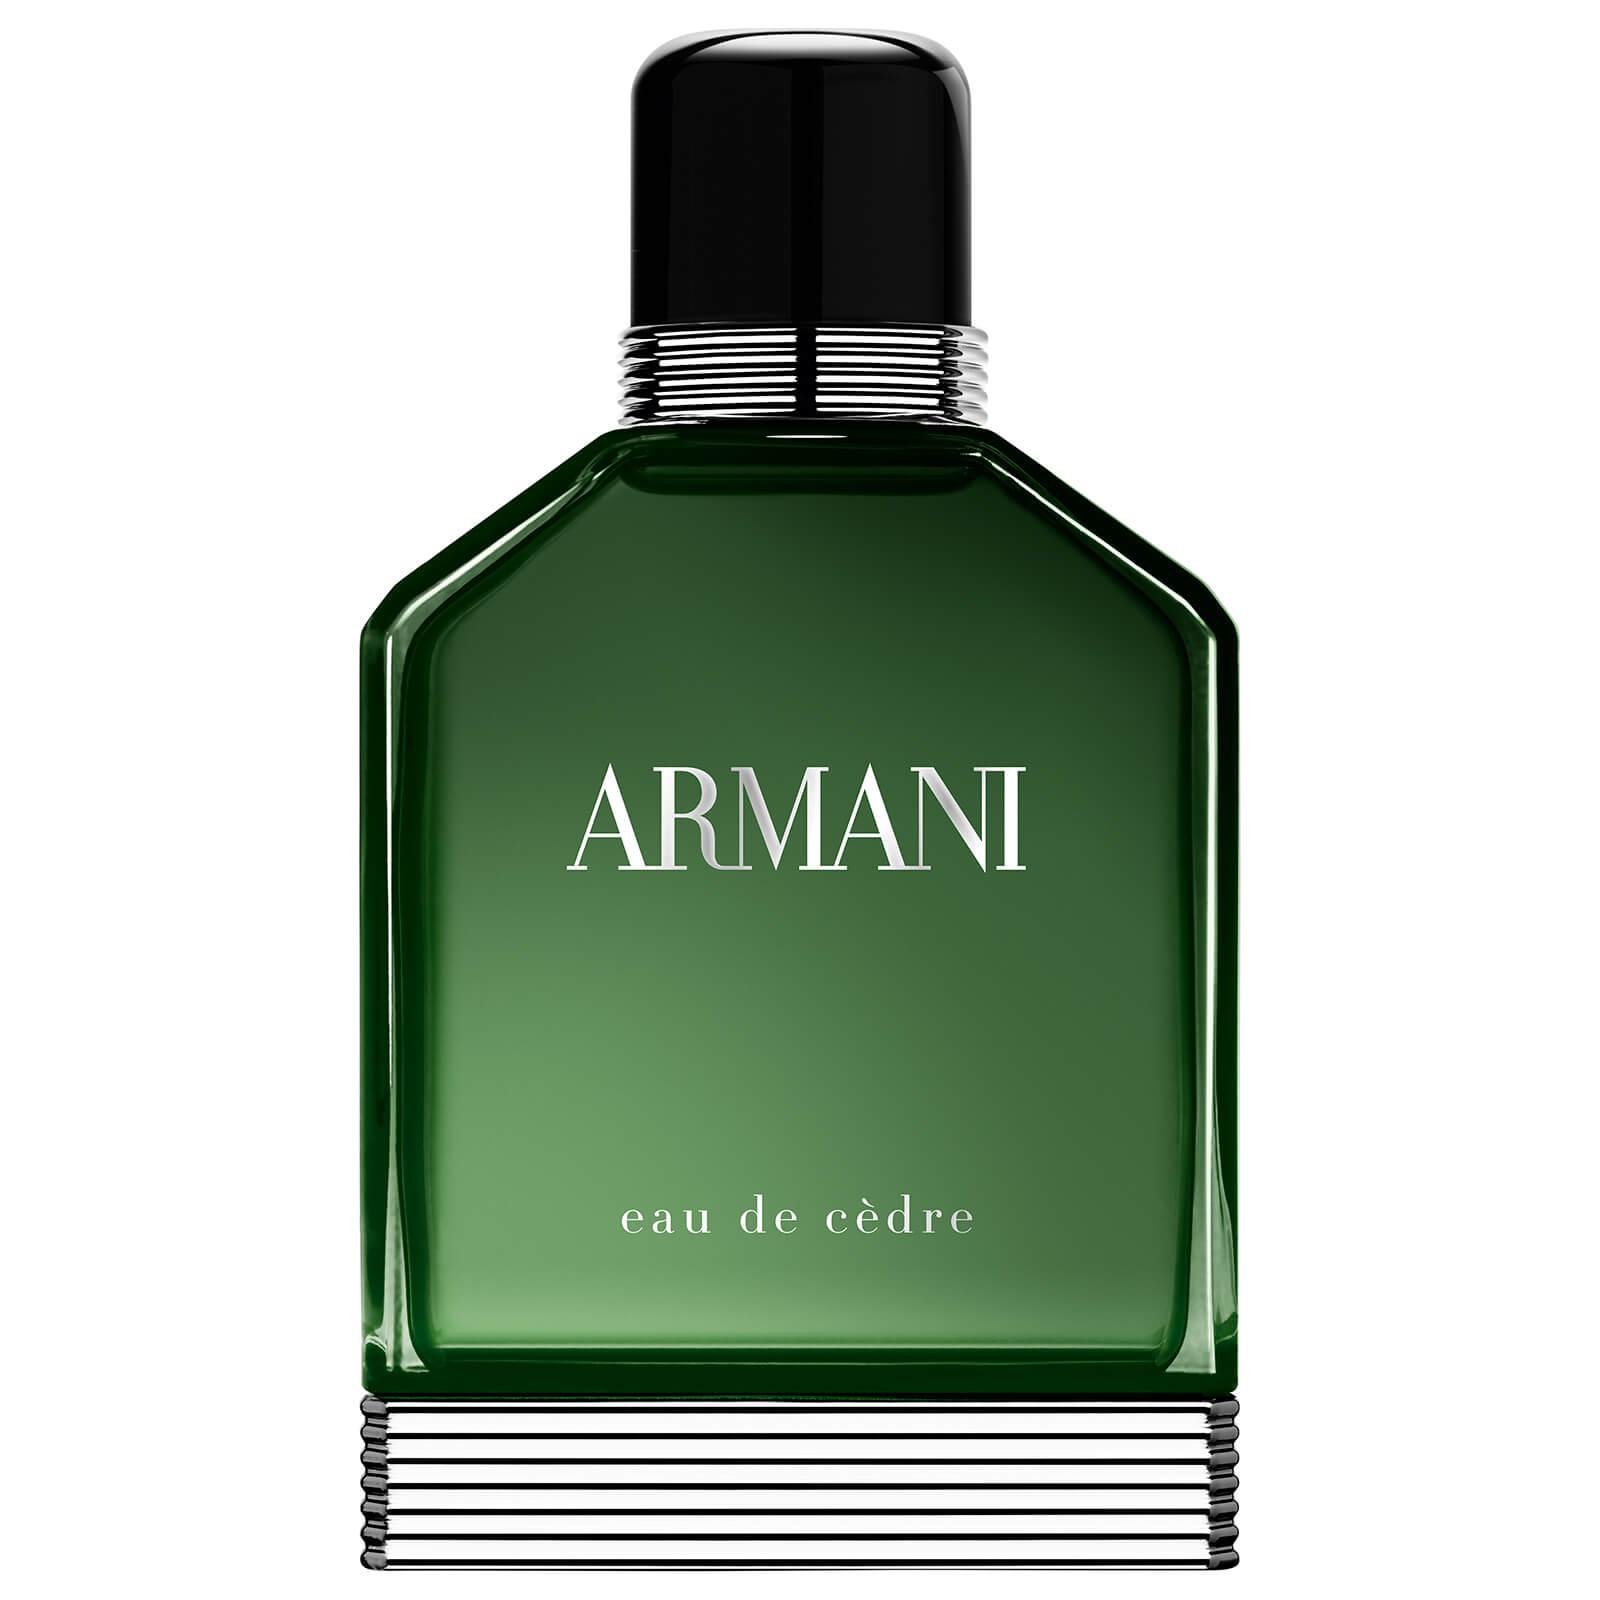 Armani Eau de Cedre Eau de Toilette (Various Sizes) - 100ml